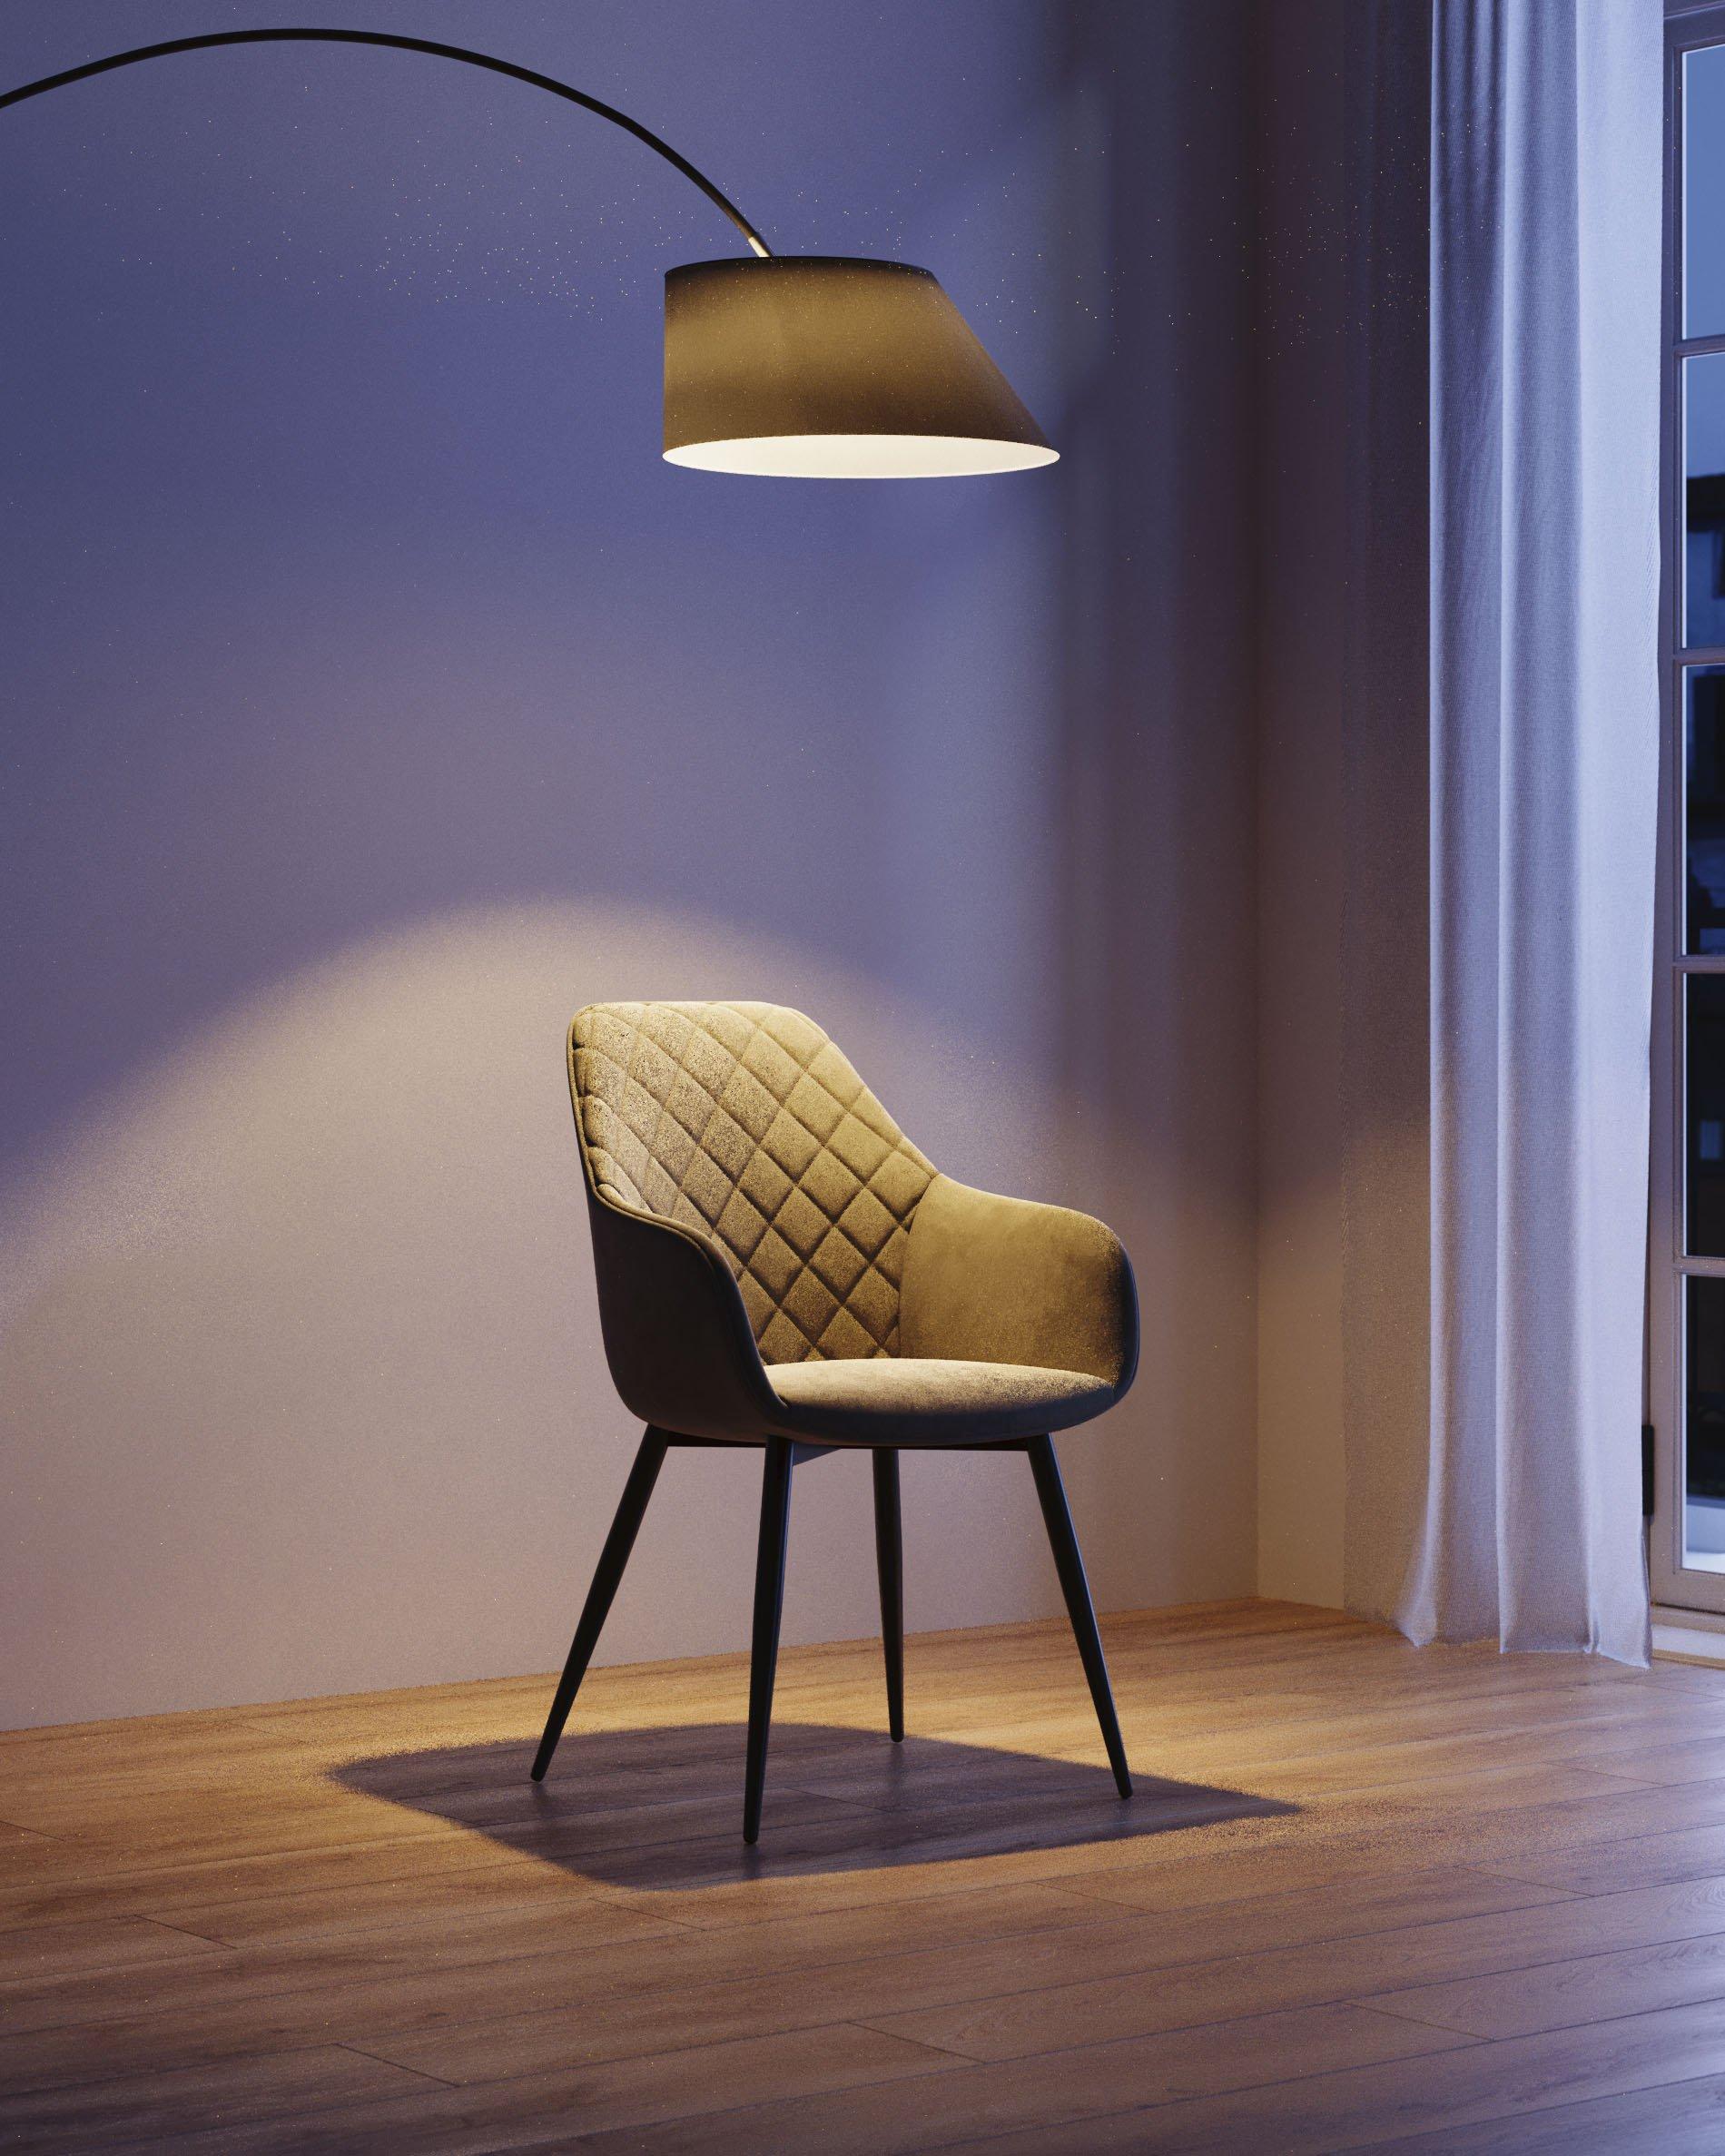 silla-luz-lampara